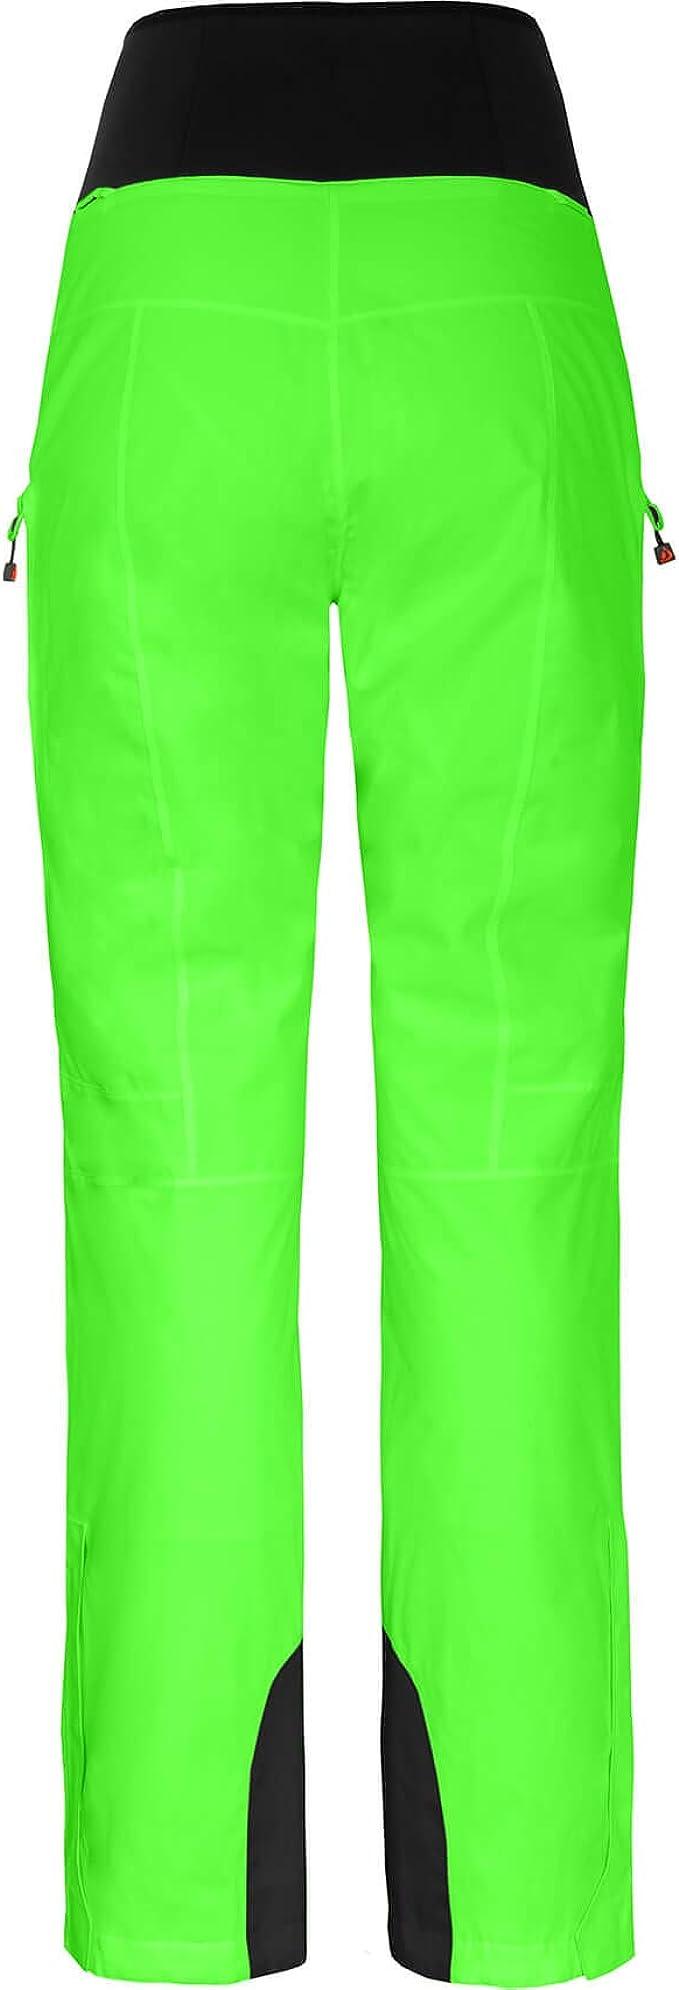 Bergson Damen Skihose Ice Light bielastisch Atmungsaktivit/ät: 20000 g//qm//24Std Wassers/äule: 20000 mm gef/üttert PFC-frei Regenhose Skihose unwattiert Oberschenkel Ventilation